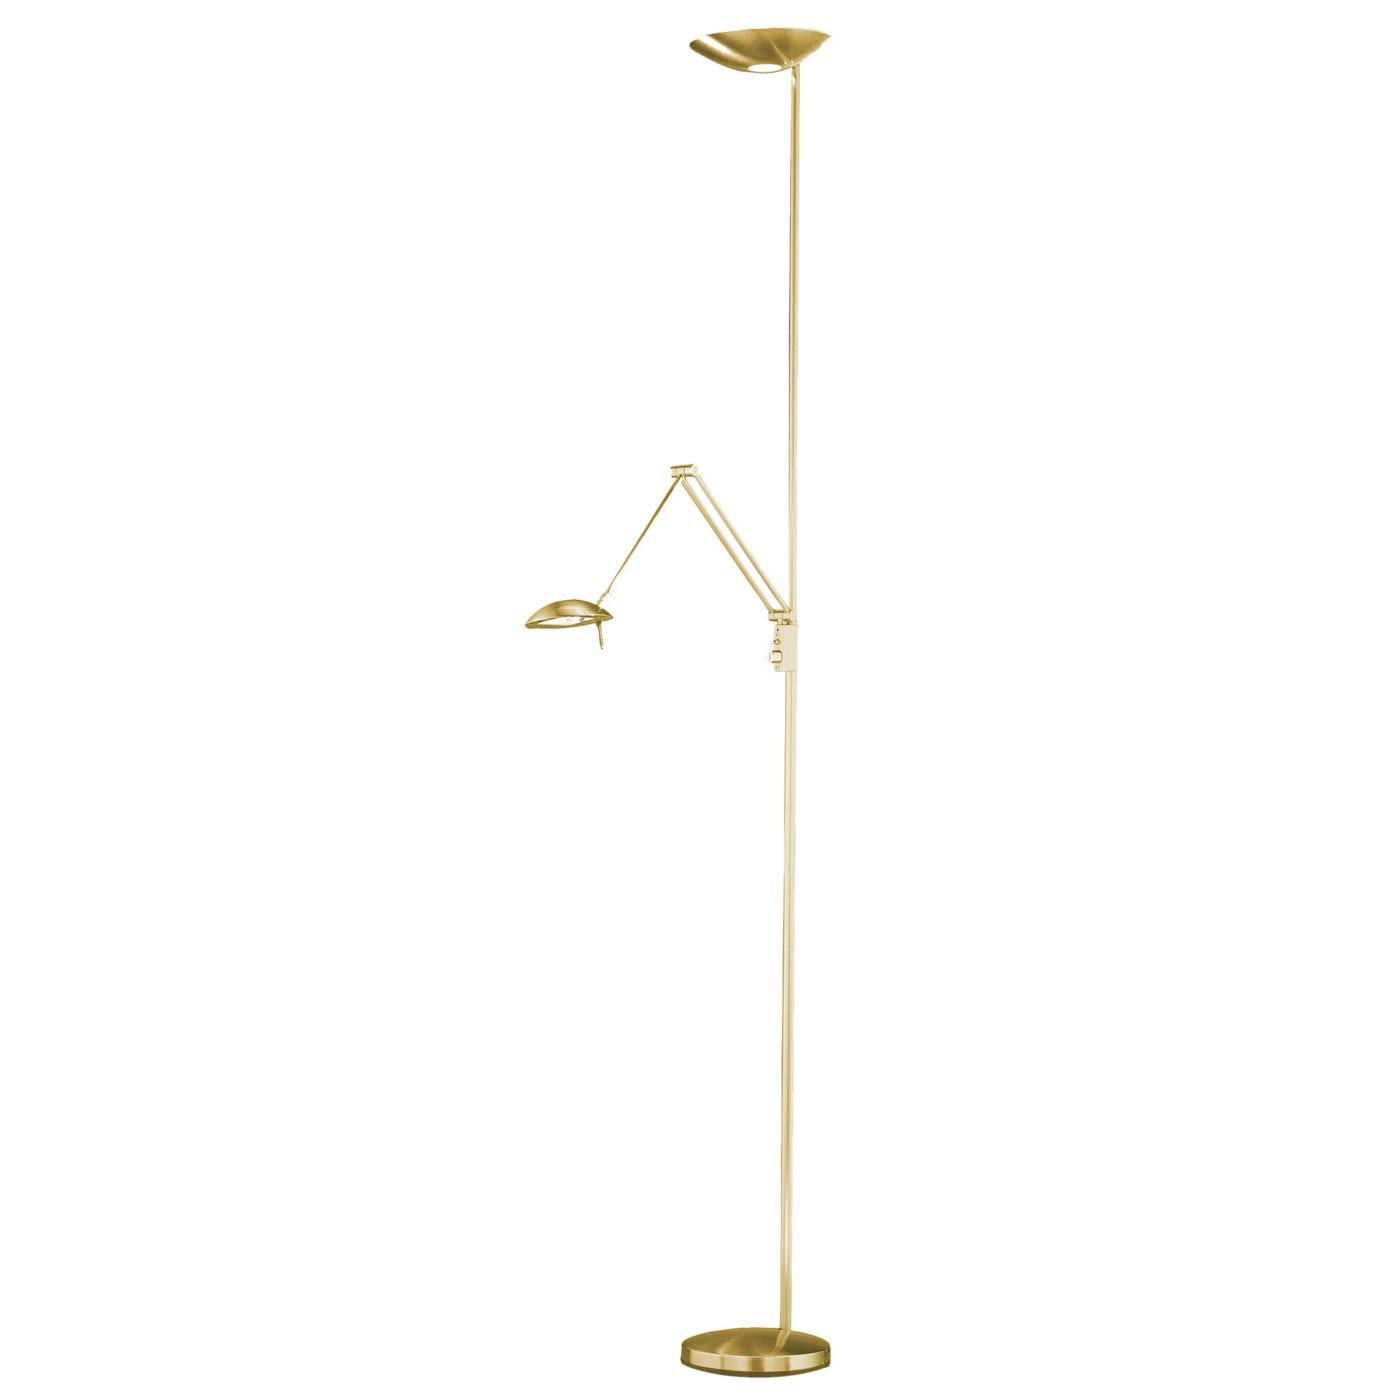 Estiluz Icons P-1127 Floor Lamp